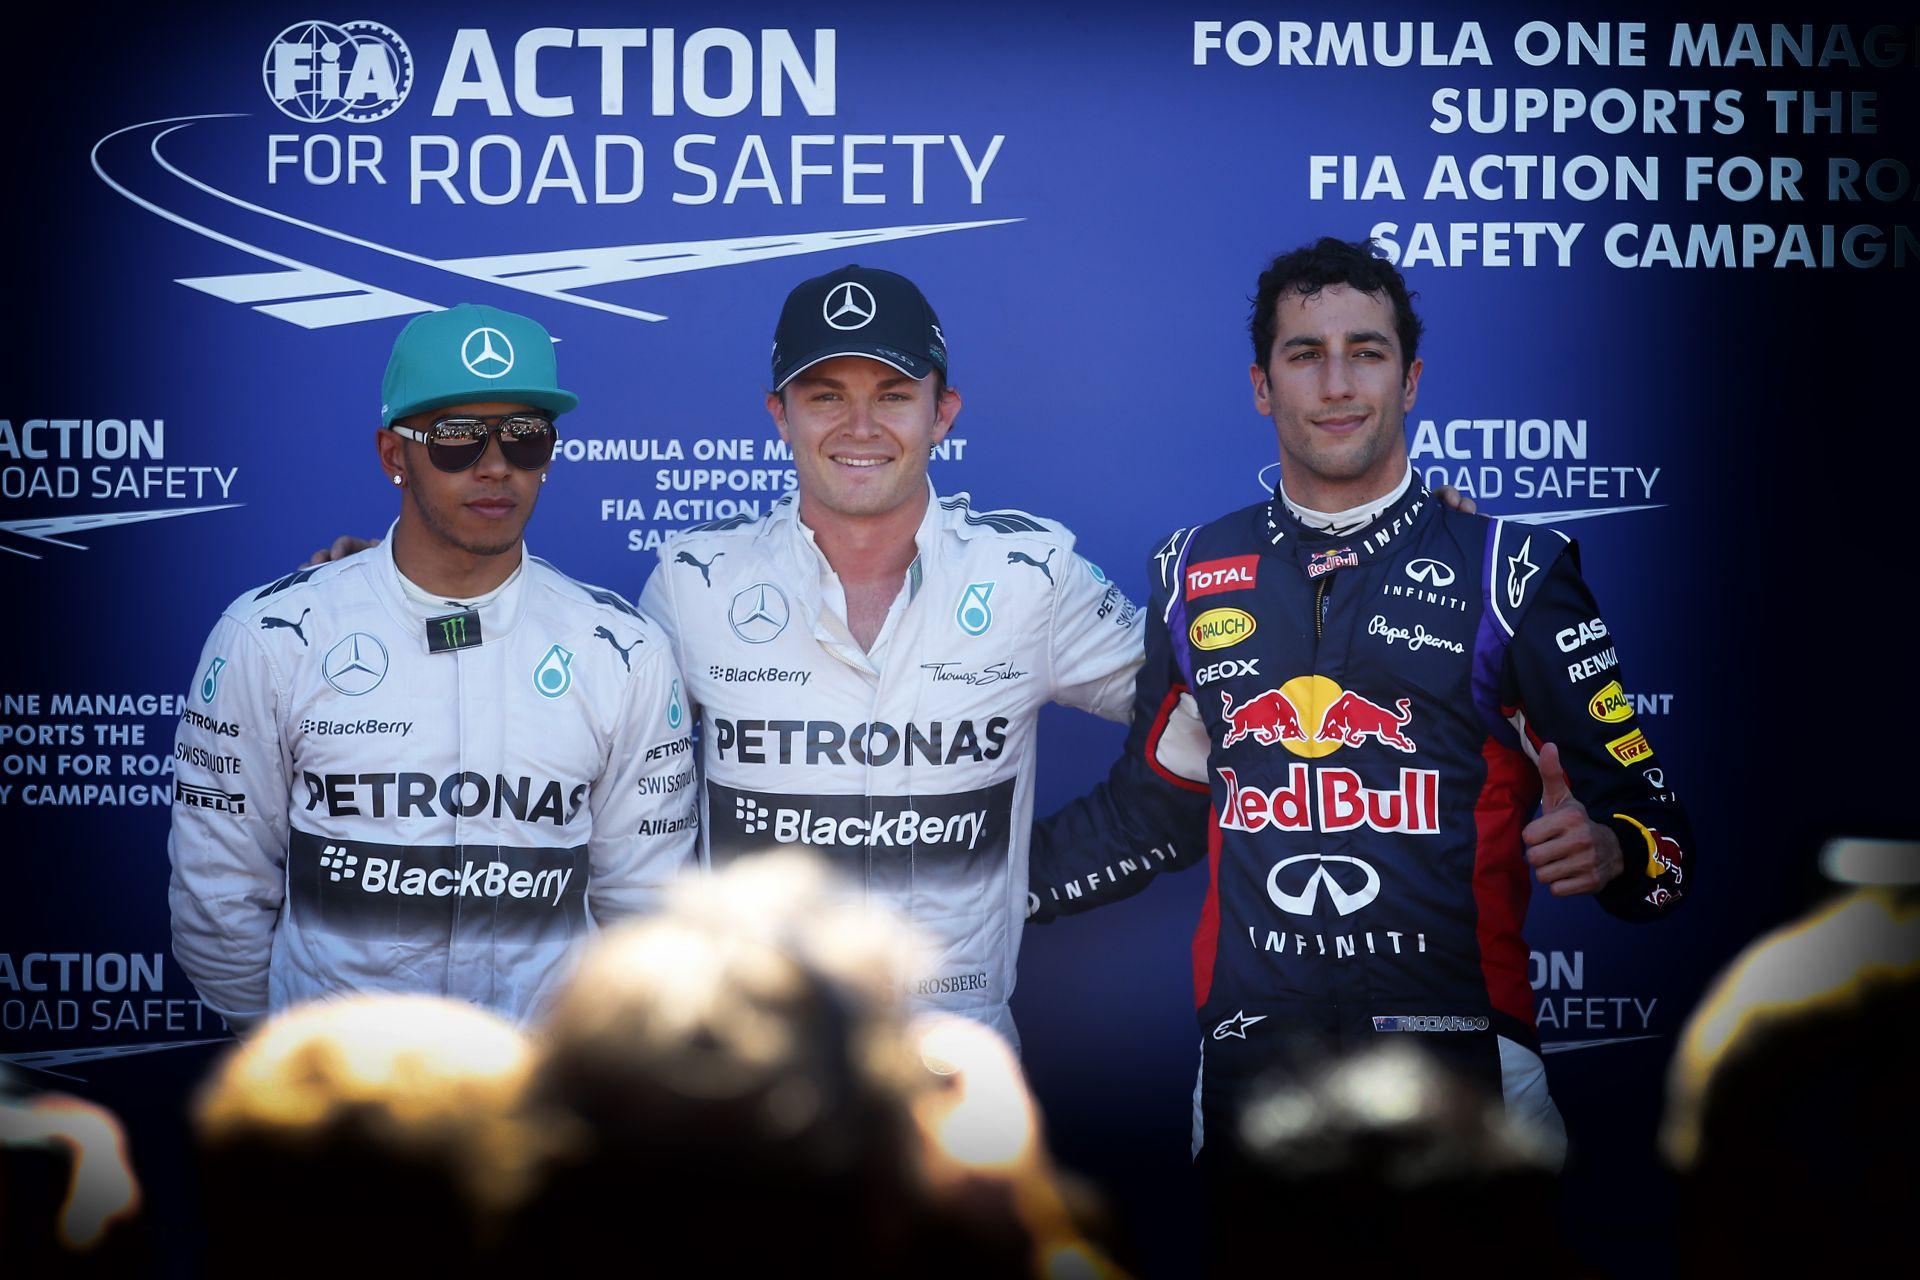 Hivatalos: Nem kap büntetést Rosberg, megtarthatja az első helyét Monacóban!